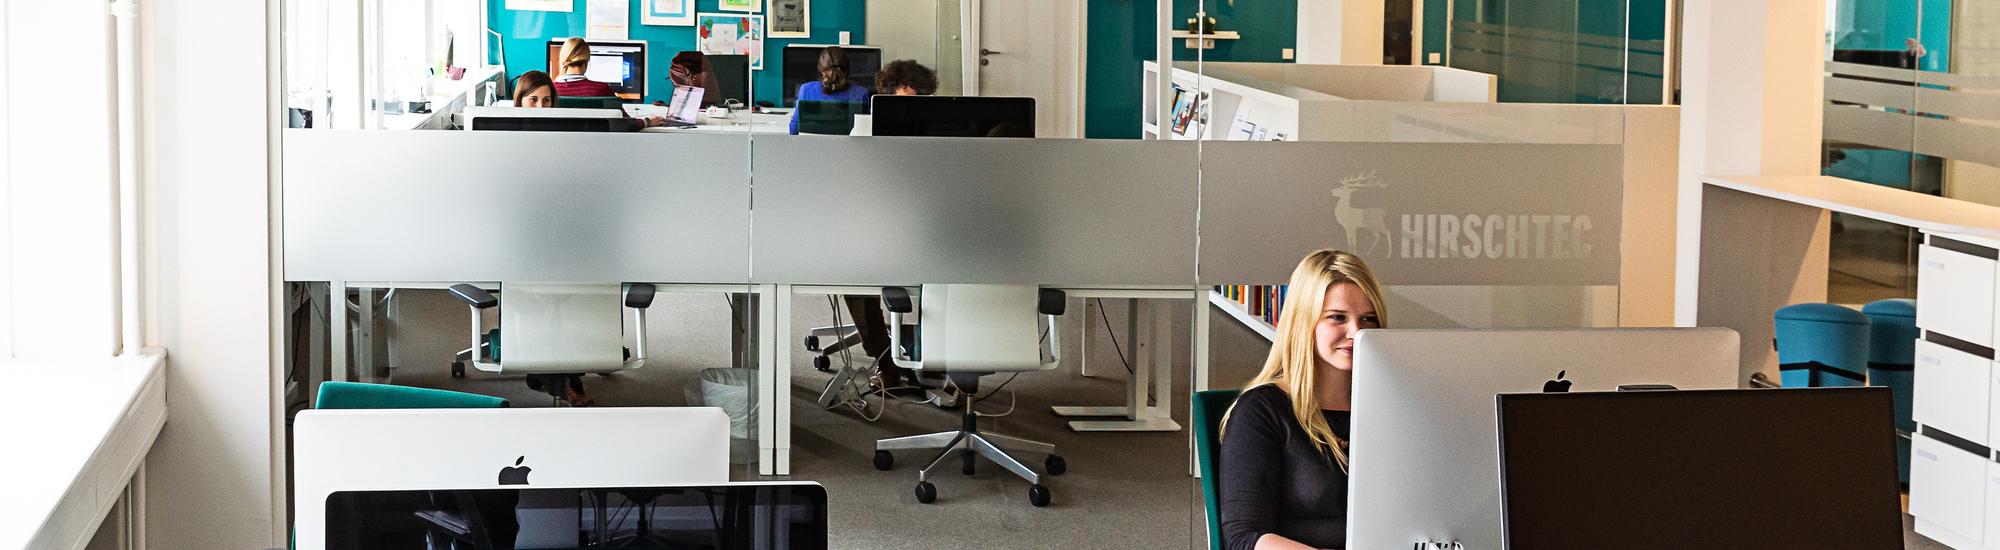 Arbeitsfläche HIRSCHTEC HH | HIRSCHTEC